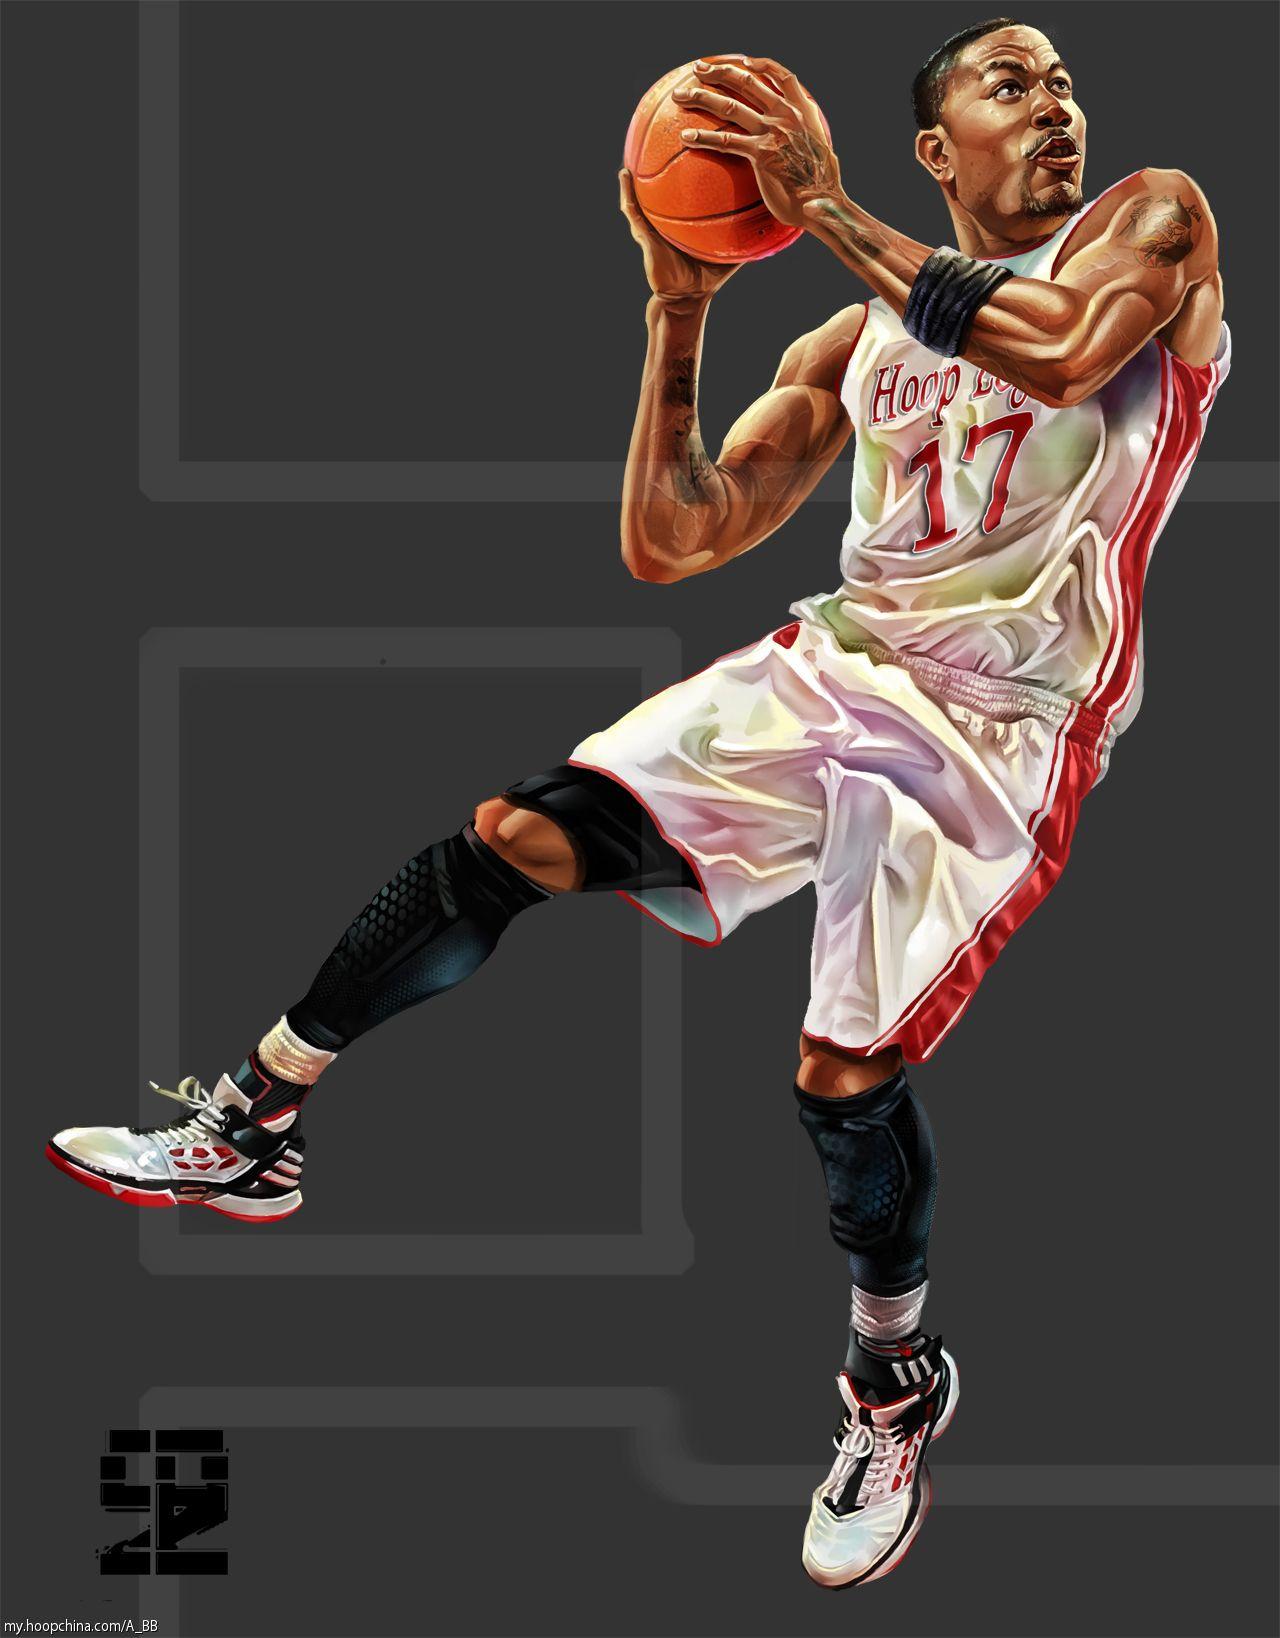 热比亚照片_NBA球星漫画 - Image130